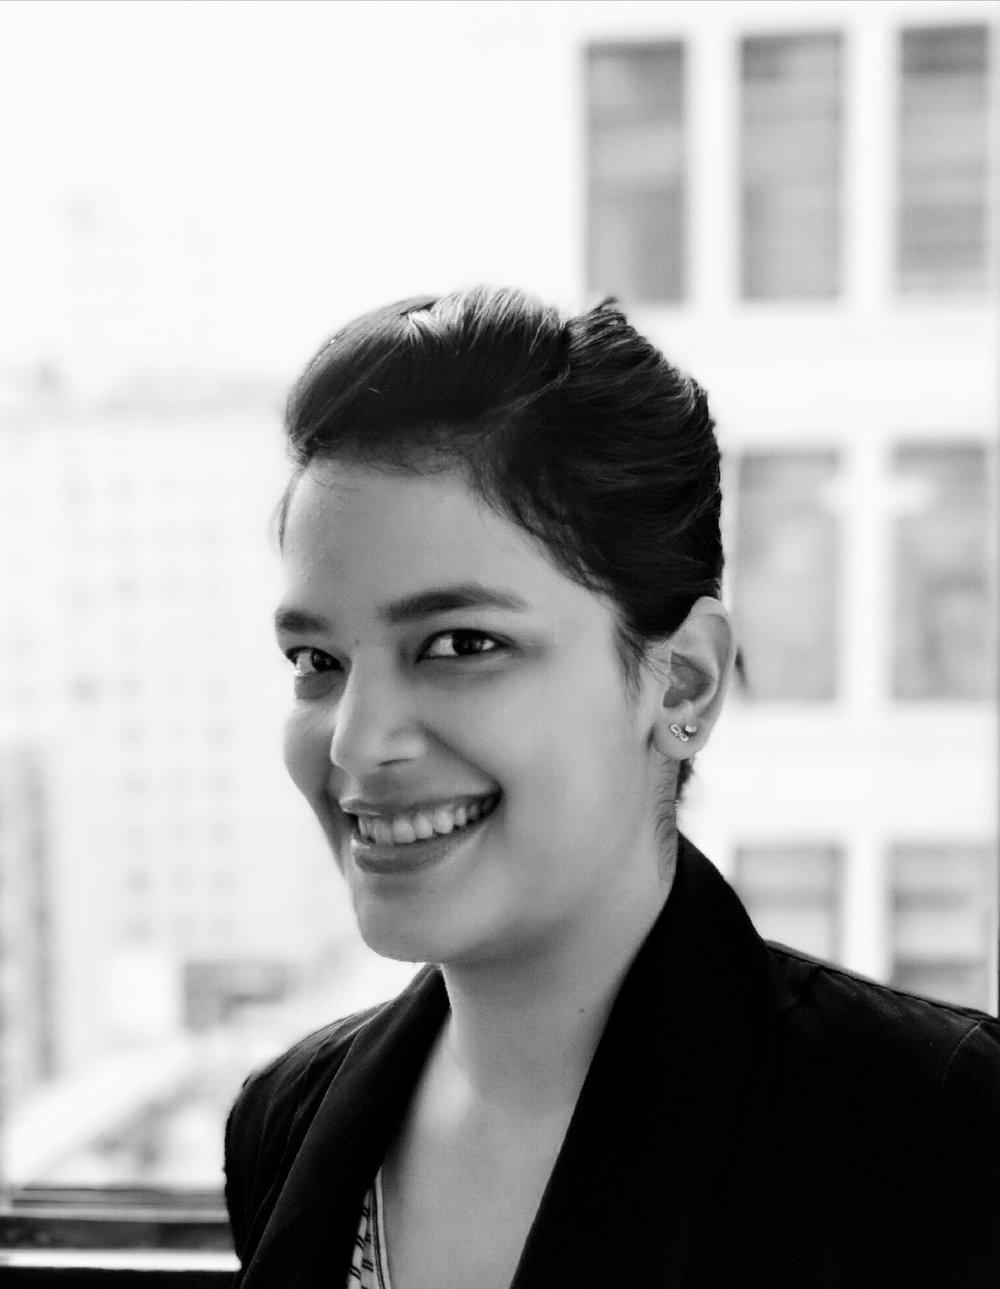 Prarthana Holburn